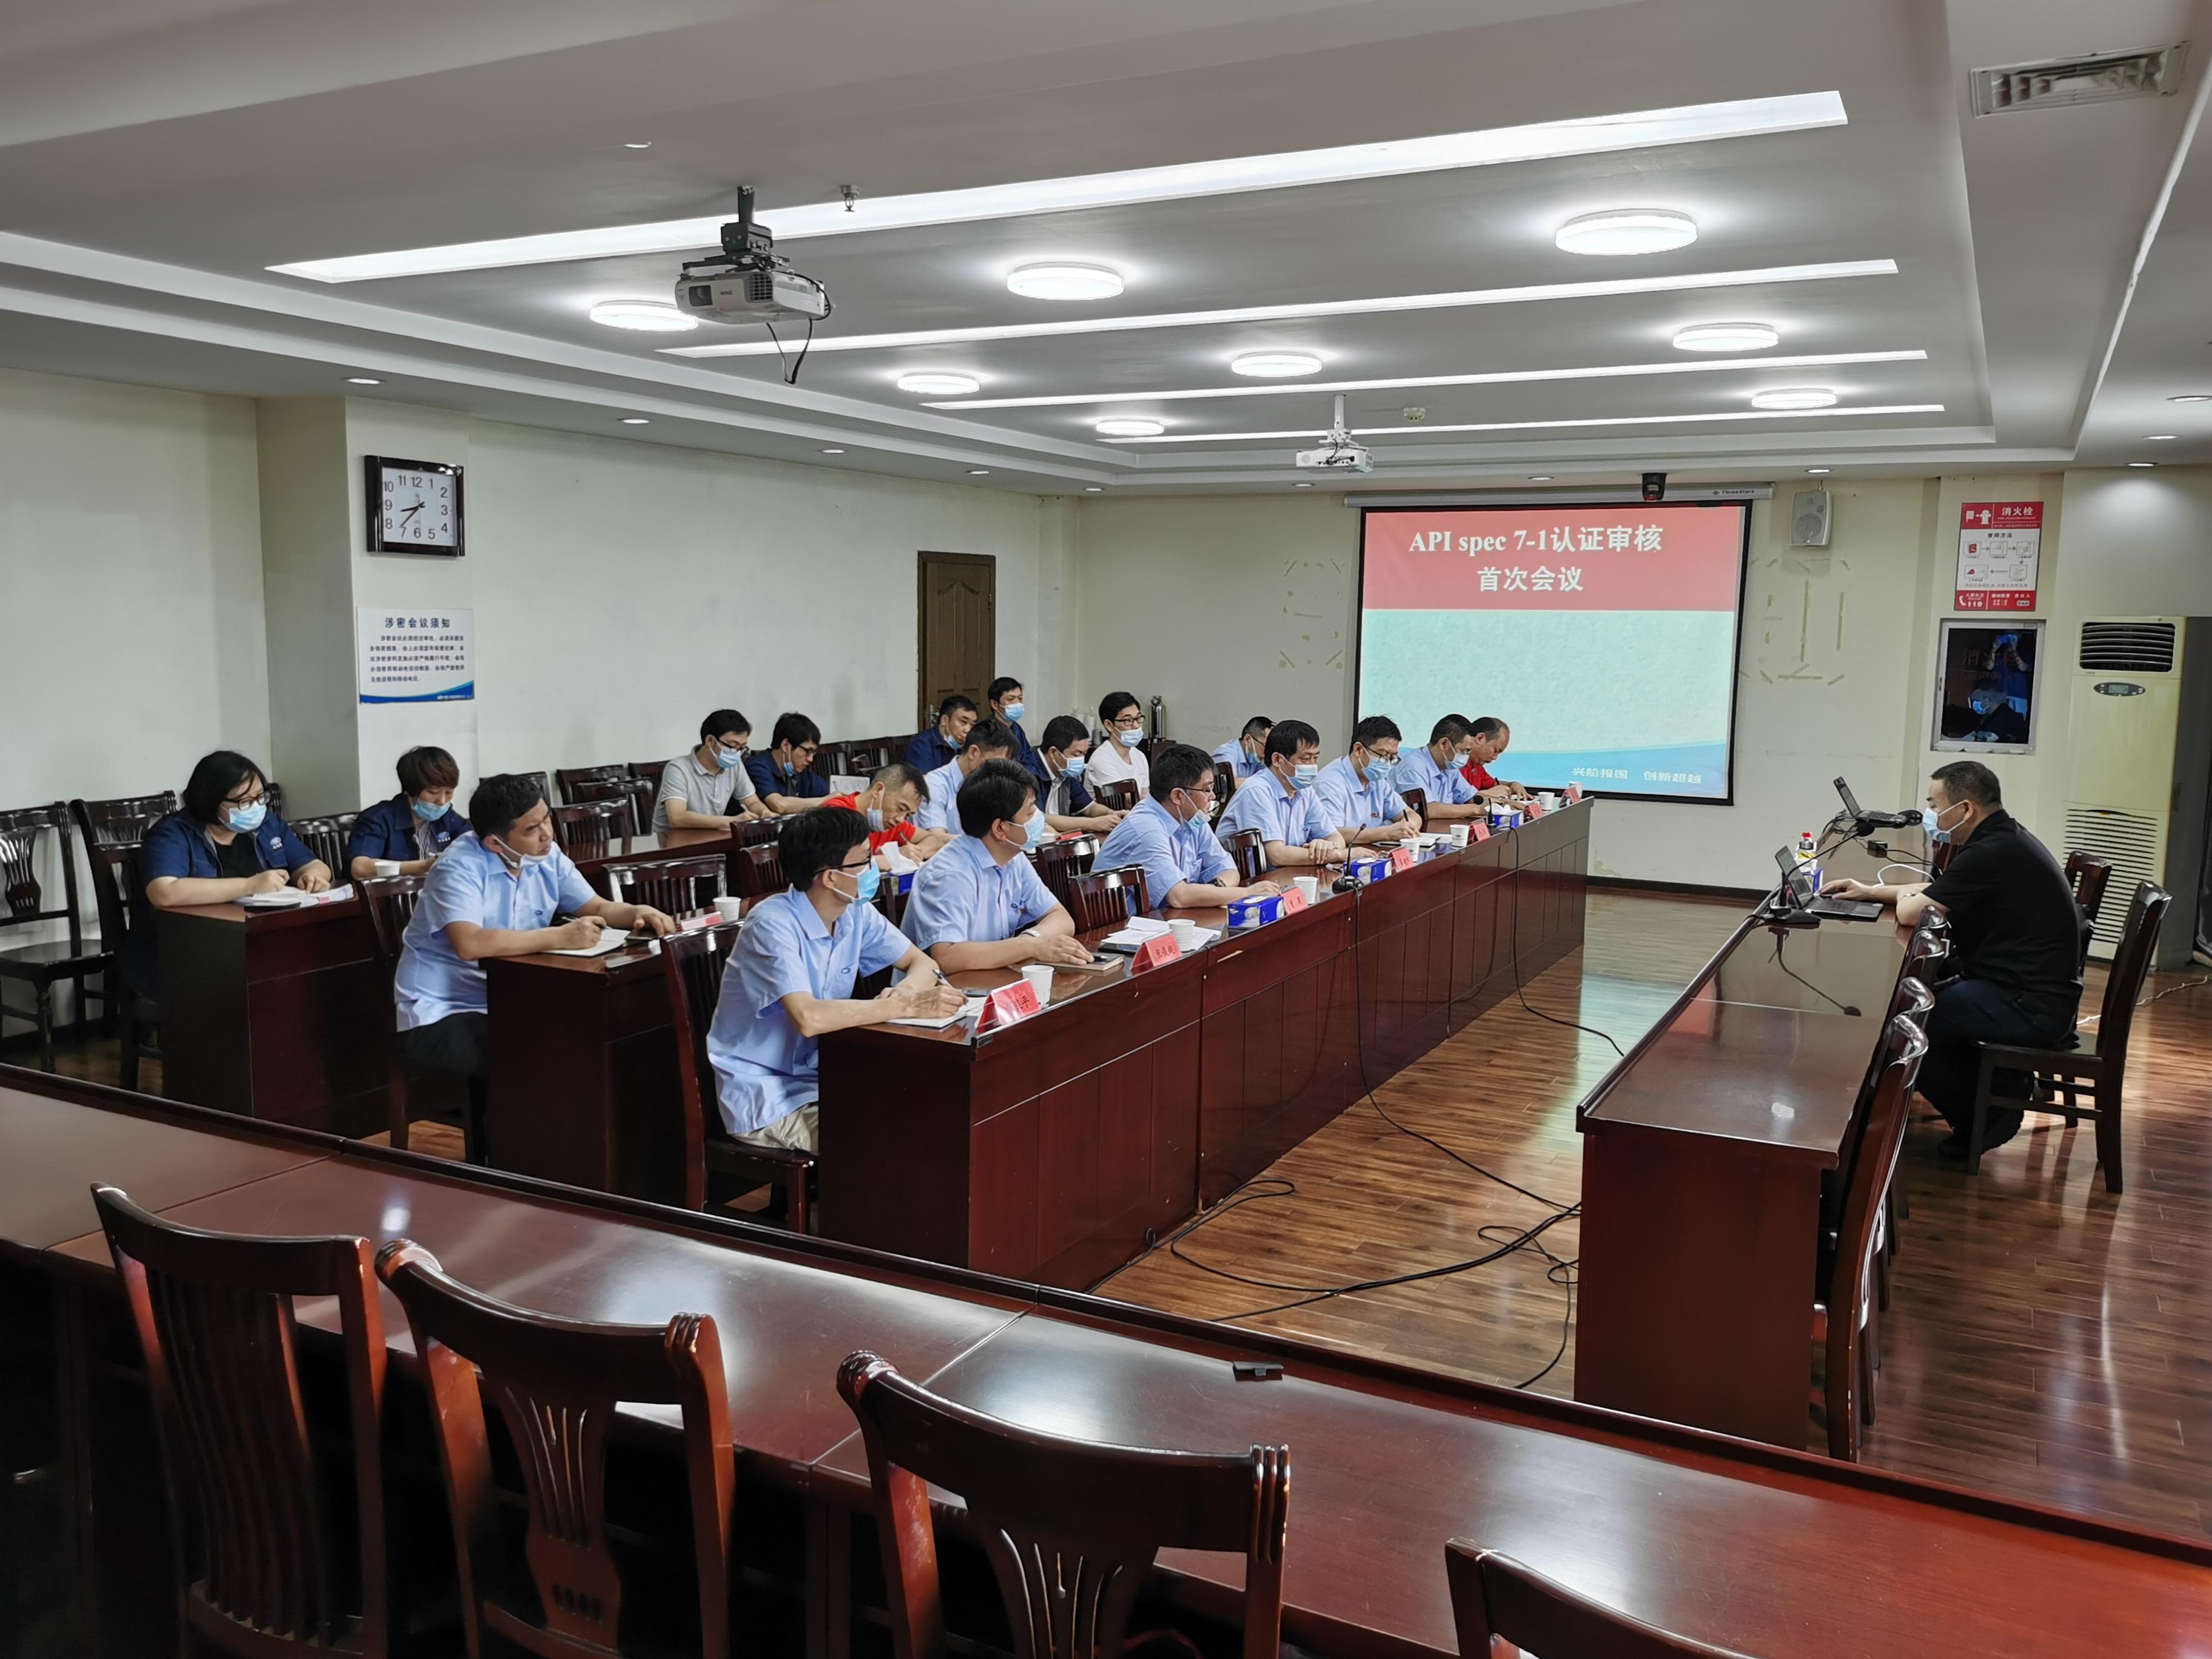 中國船舶中南裝備公司順利通過API 7-1會標認證現場審核